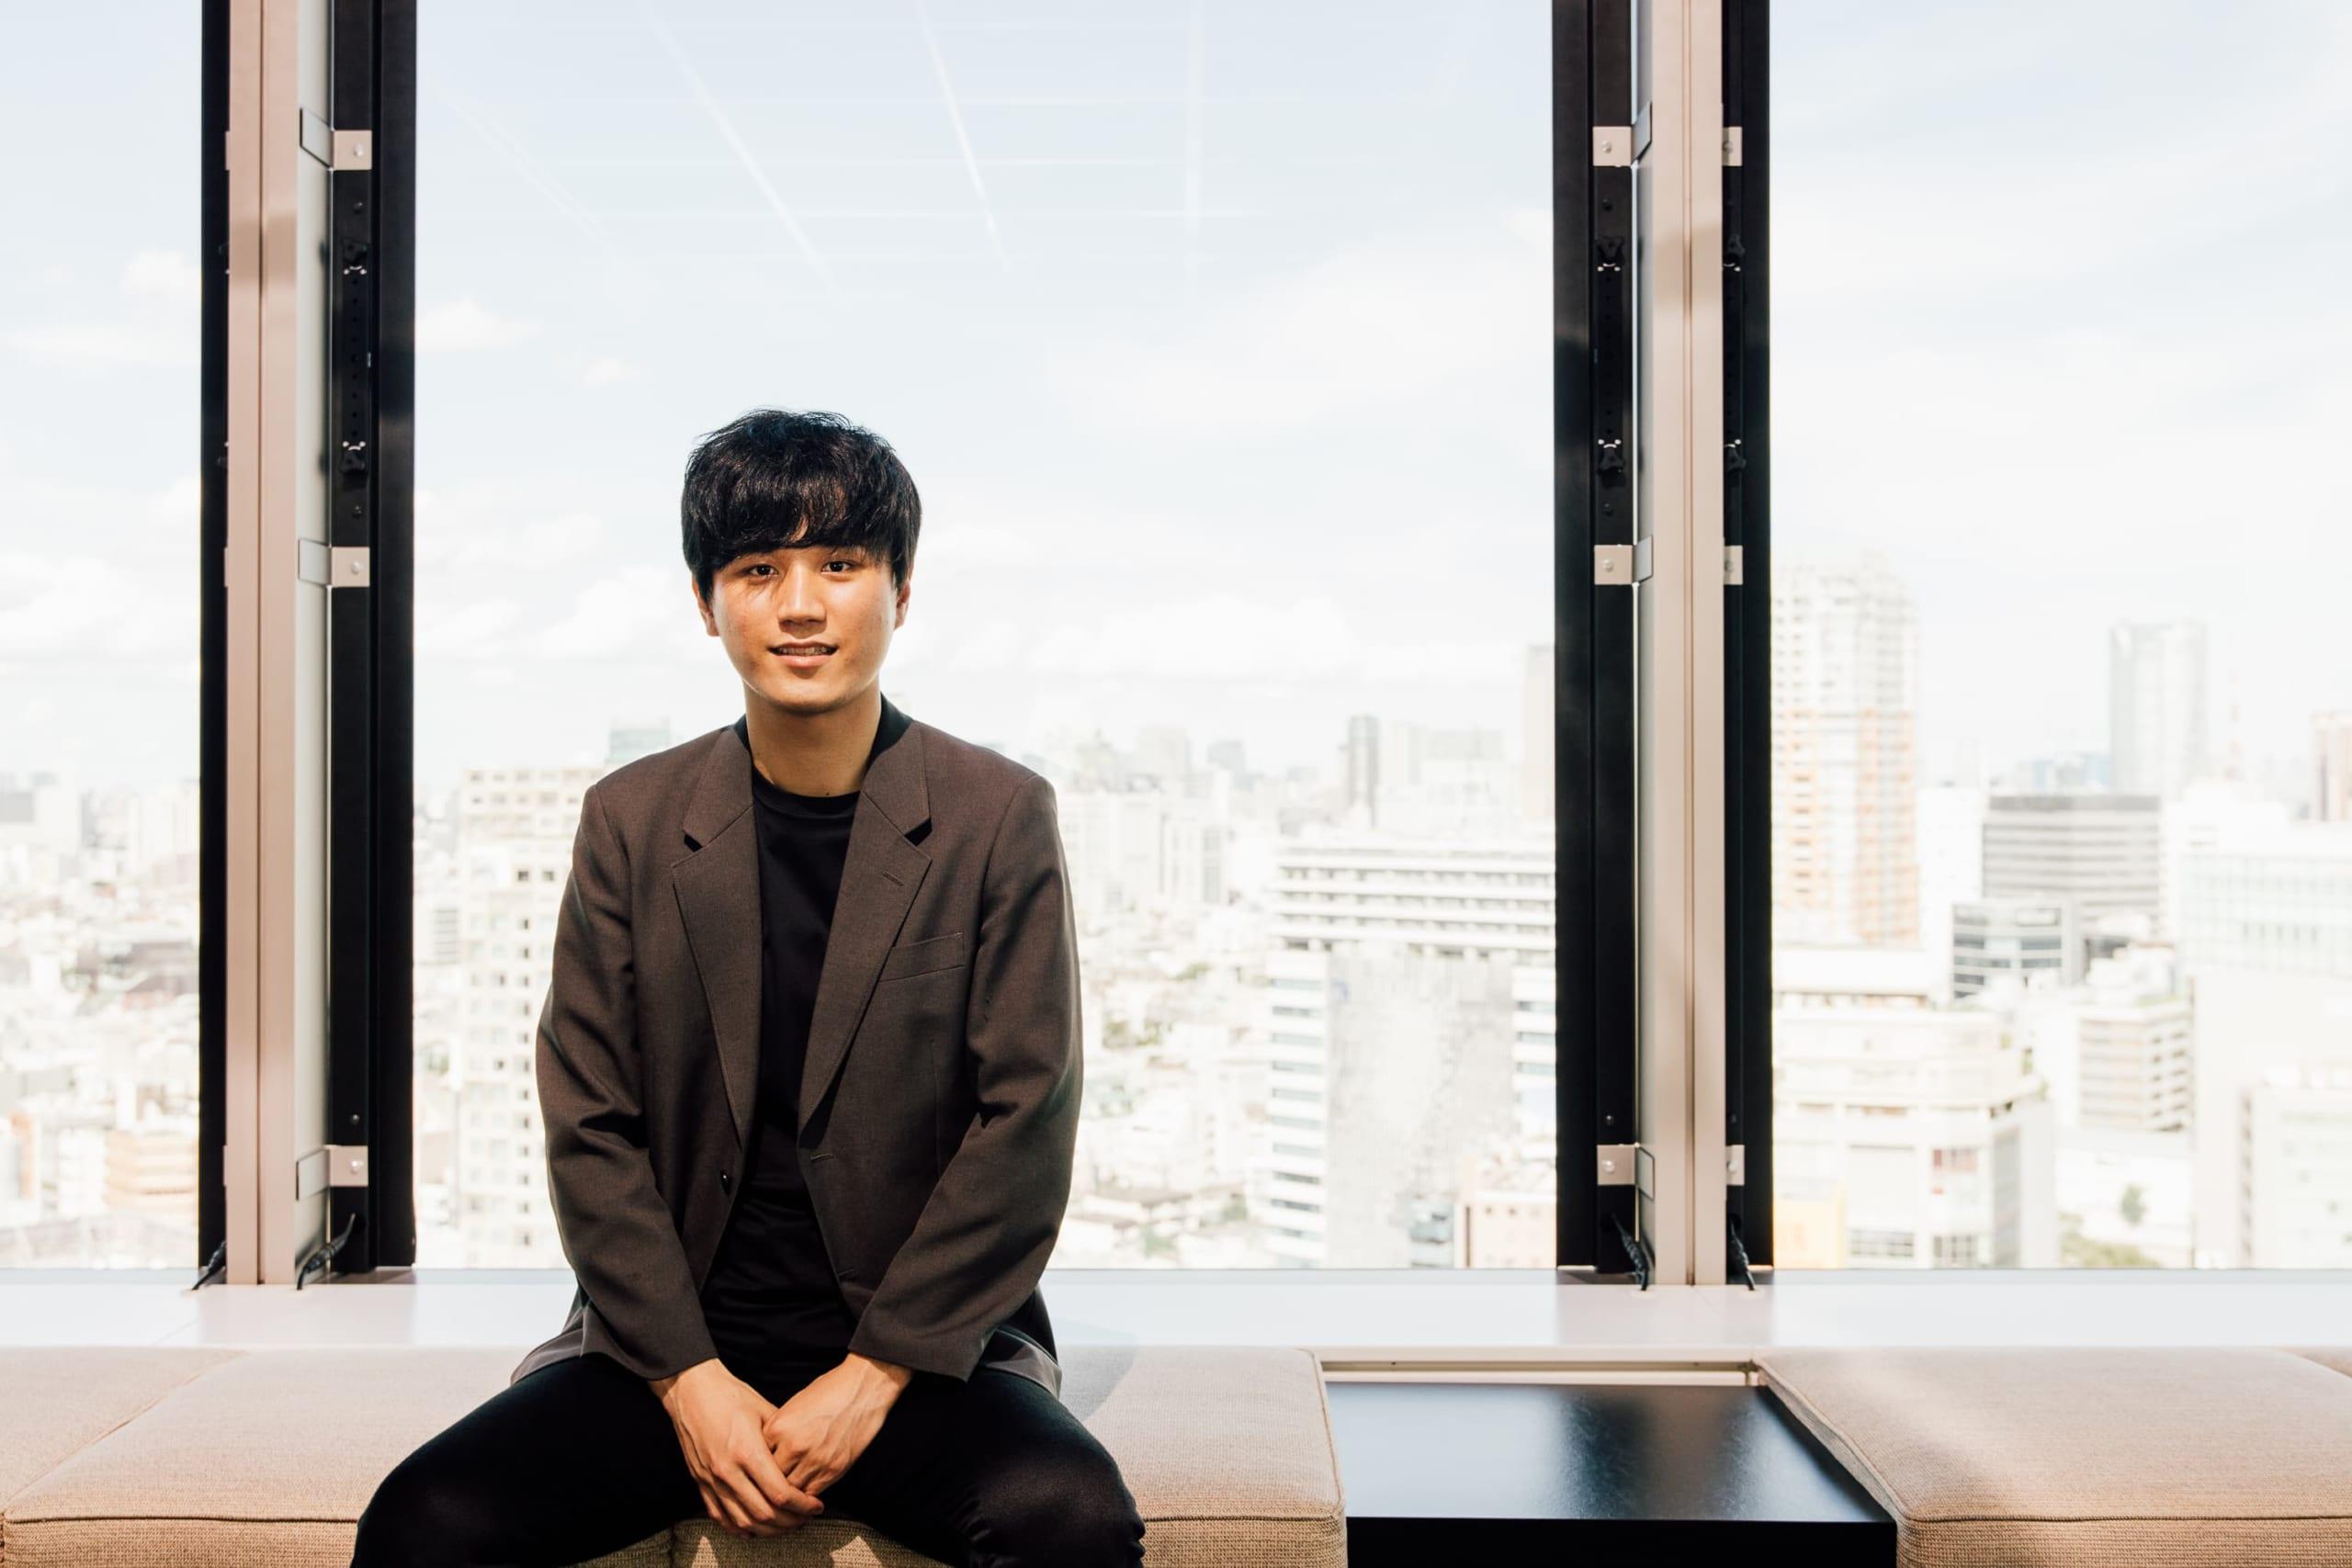 「そうぞくドットコム不動産」を運営するAGE technologies 代表取締役CEOの塩原優太氏(写真:taisho)